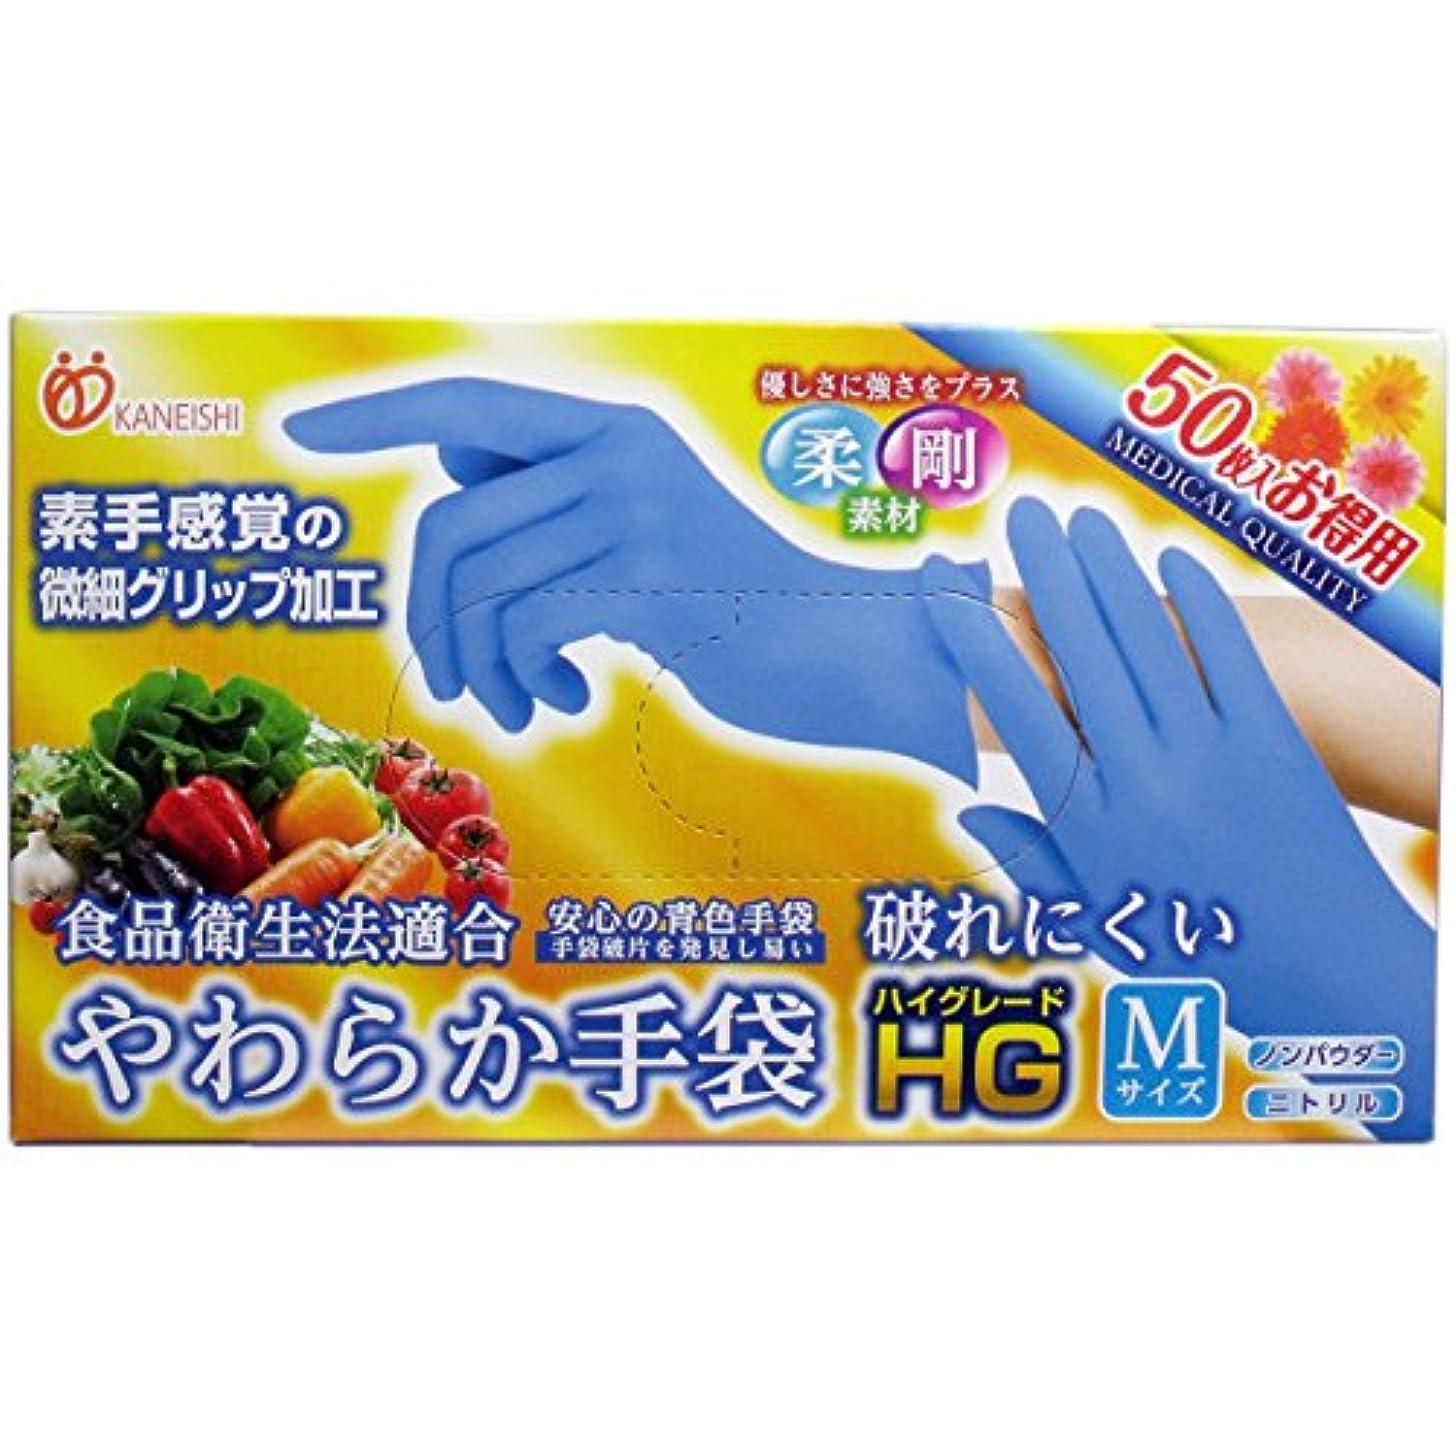 はぁ乳白色代表やわらか手袋 HG(ハイグレード) スーパーブルー Mサイズ 50枚入